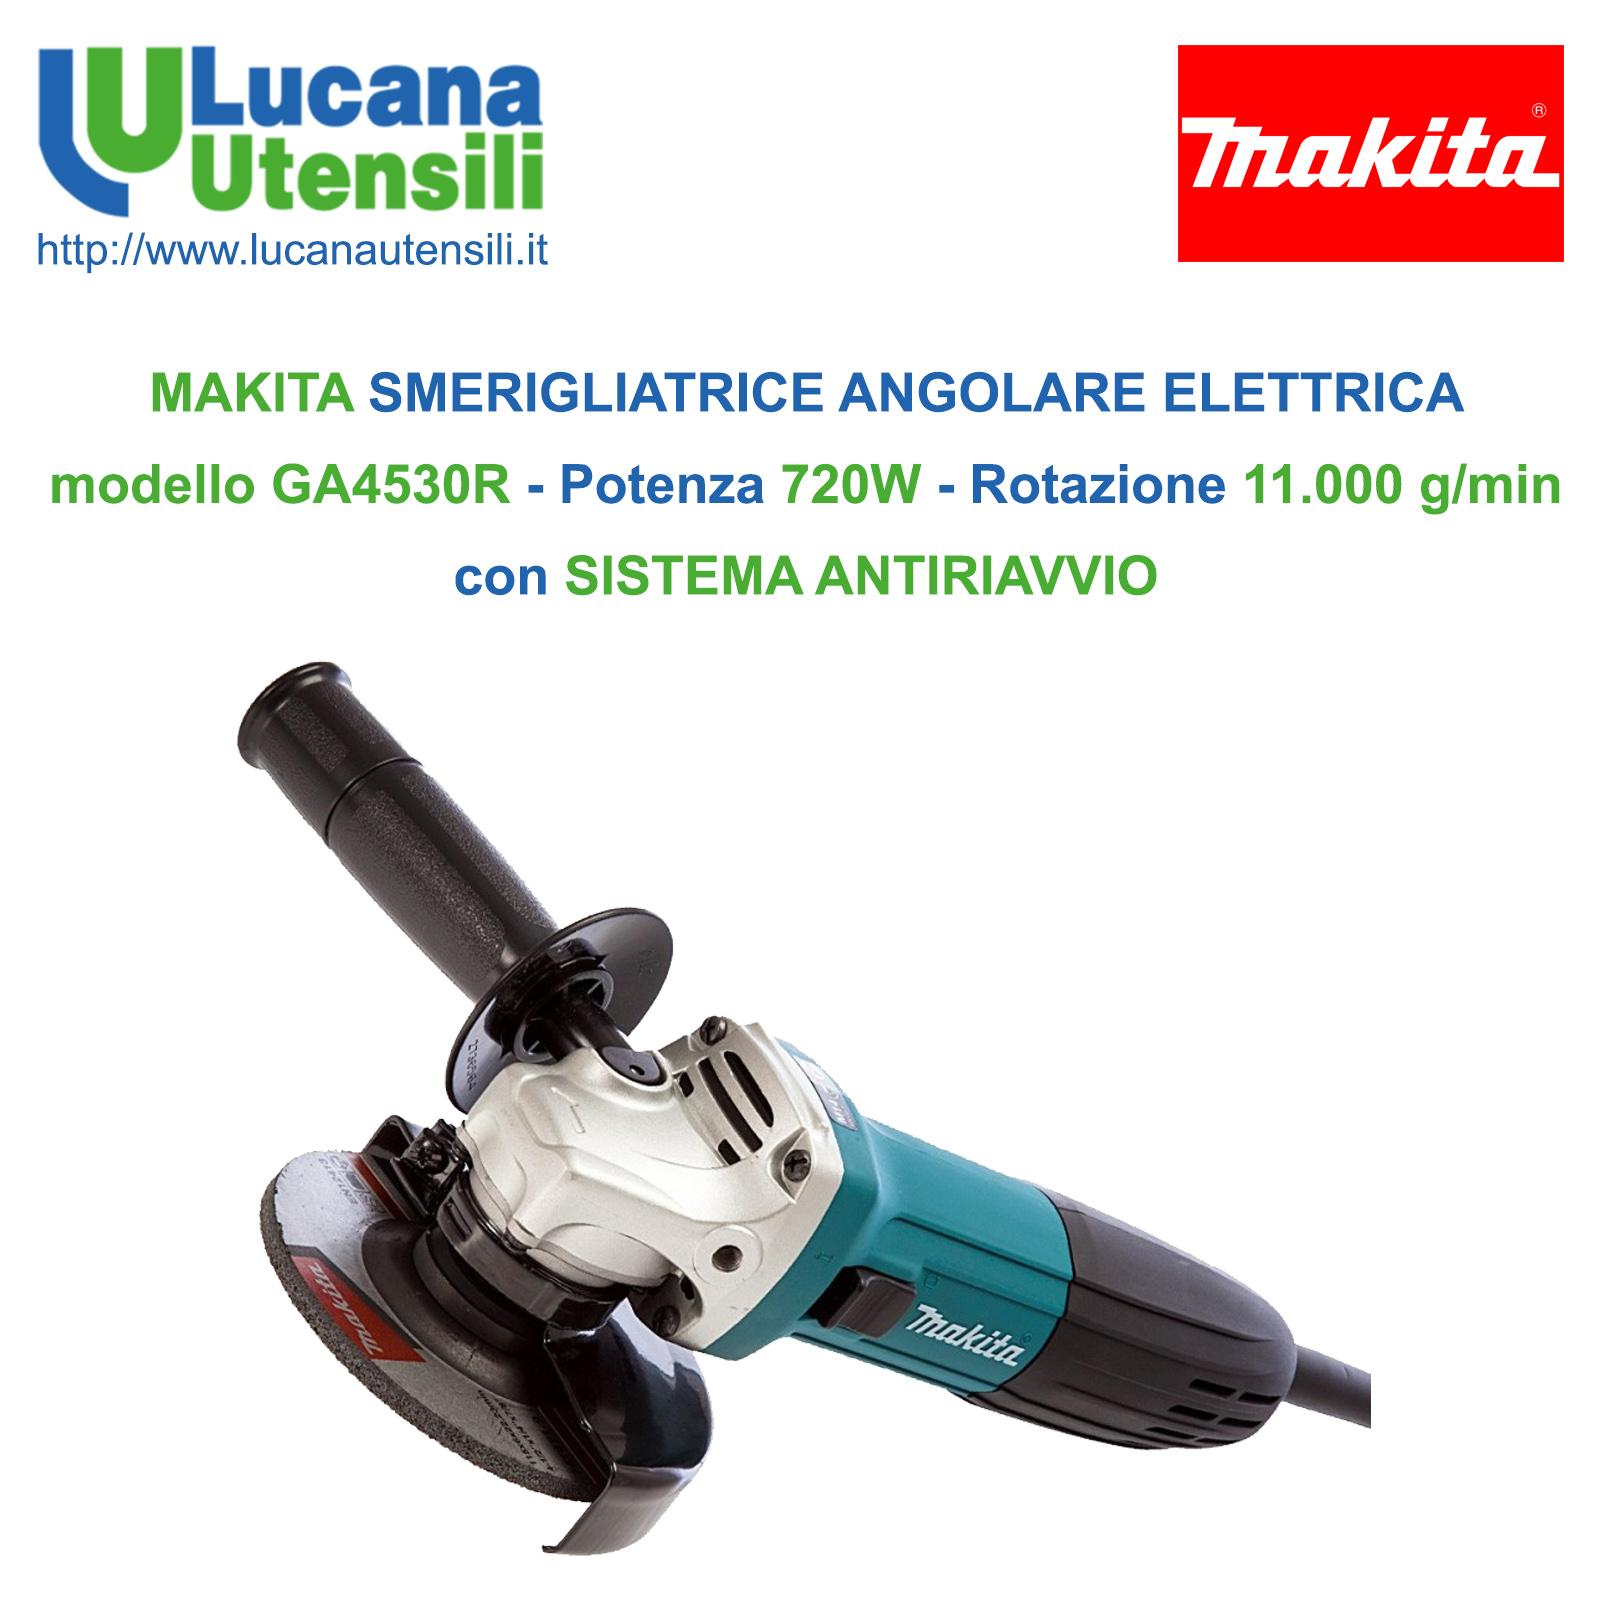 MAKITA smerigliatrice flex professionale ANTIRIAVVIO 115mm 720w GA4530R